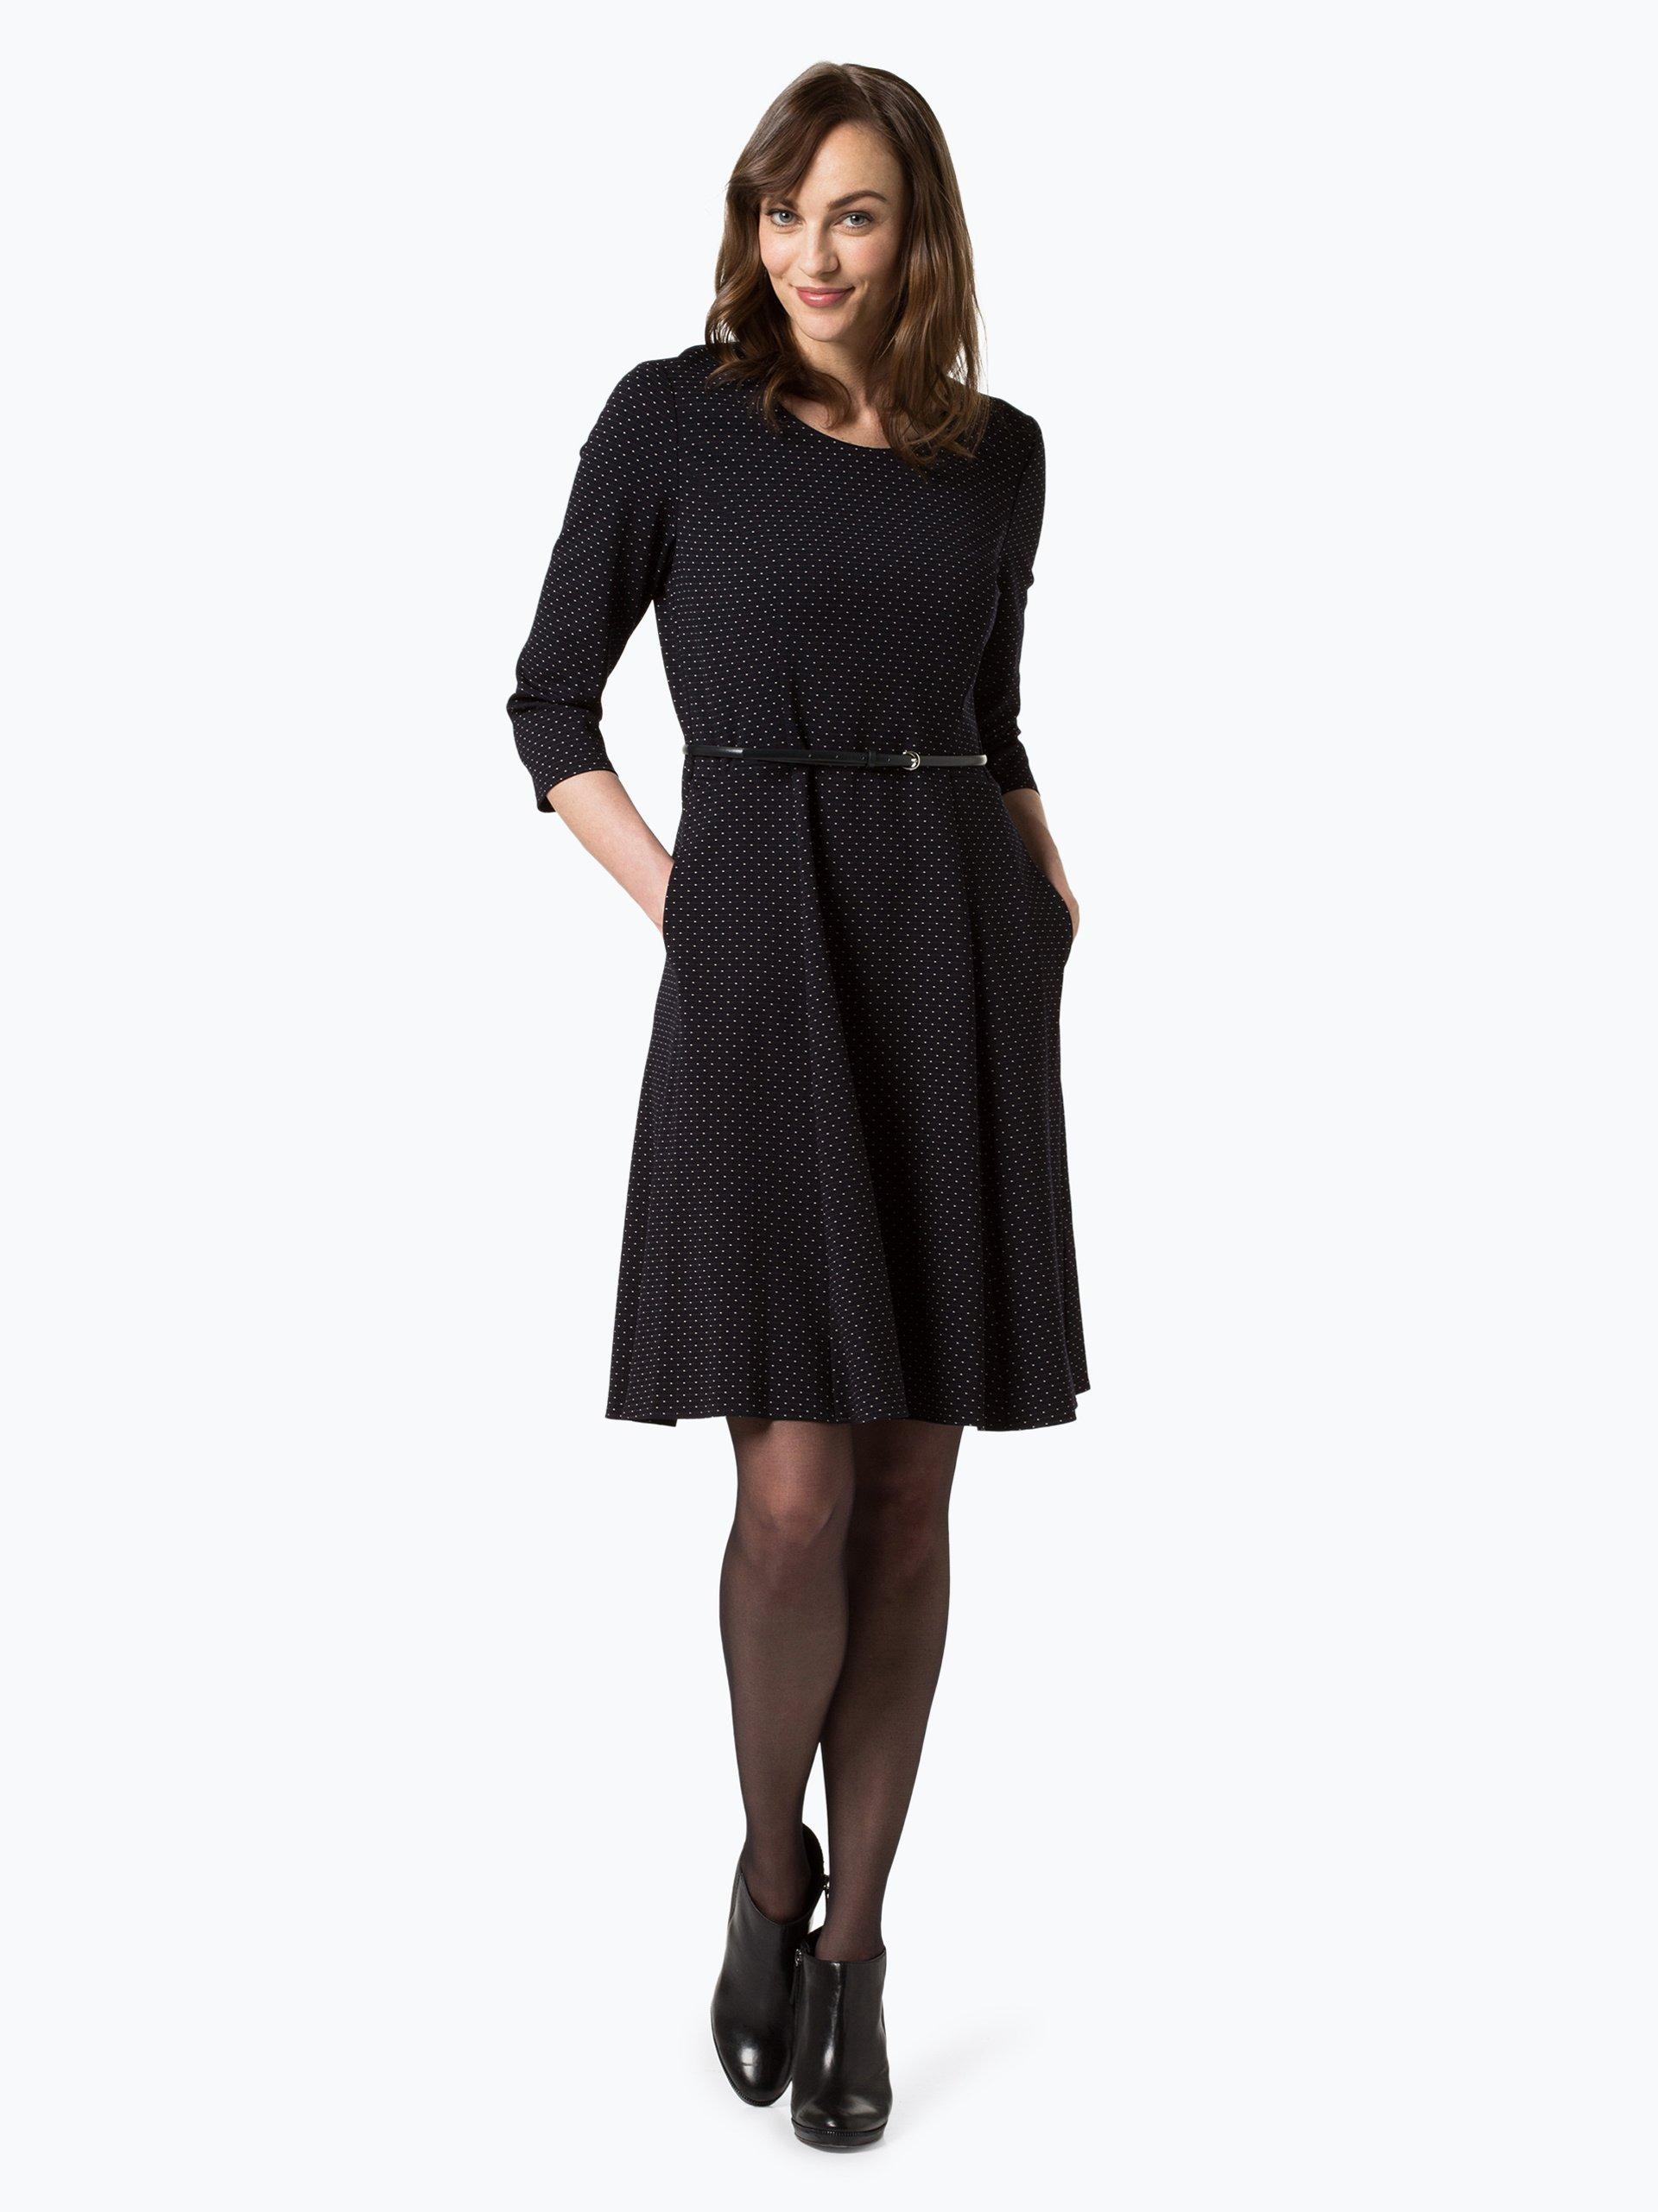 gerry weber damen kleid marine gepunktet online kaufen peek und cloppenburg de. Black Bedroom Furniture Sets. Home Design Ideas